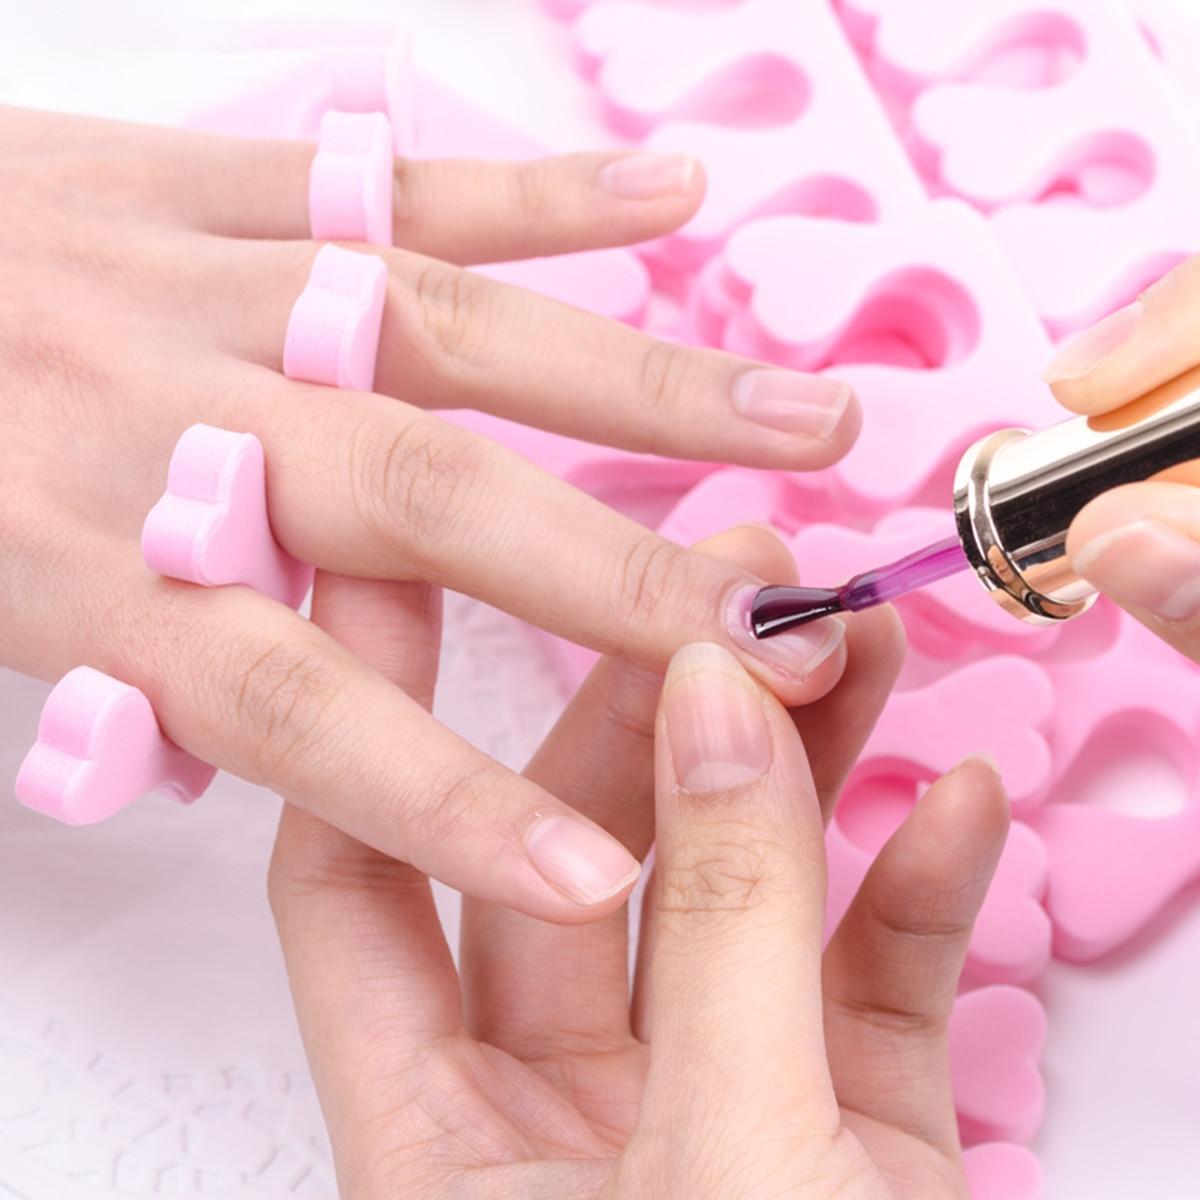 Novo 50 pçs espuma macia esponja dedo do pé separadores dedo do pé divisor de dedo unha arte manicure pedicure ferramentas dedo algodão unha arte manicure ferramentas